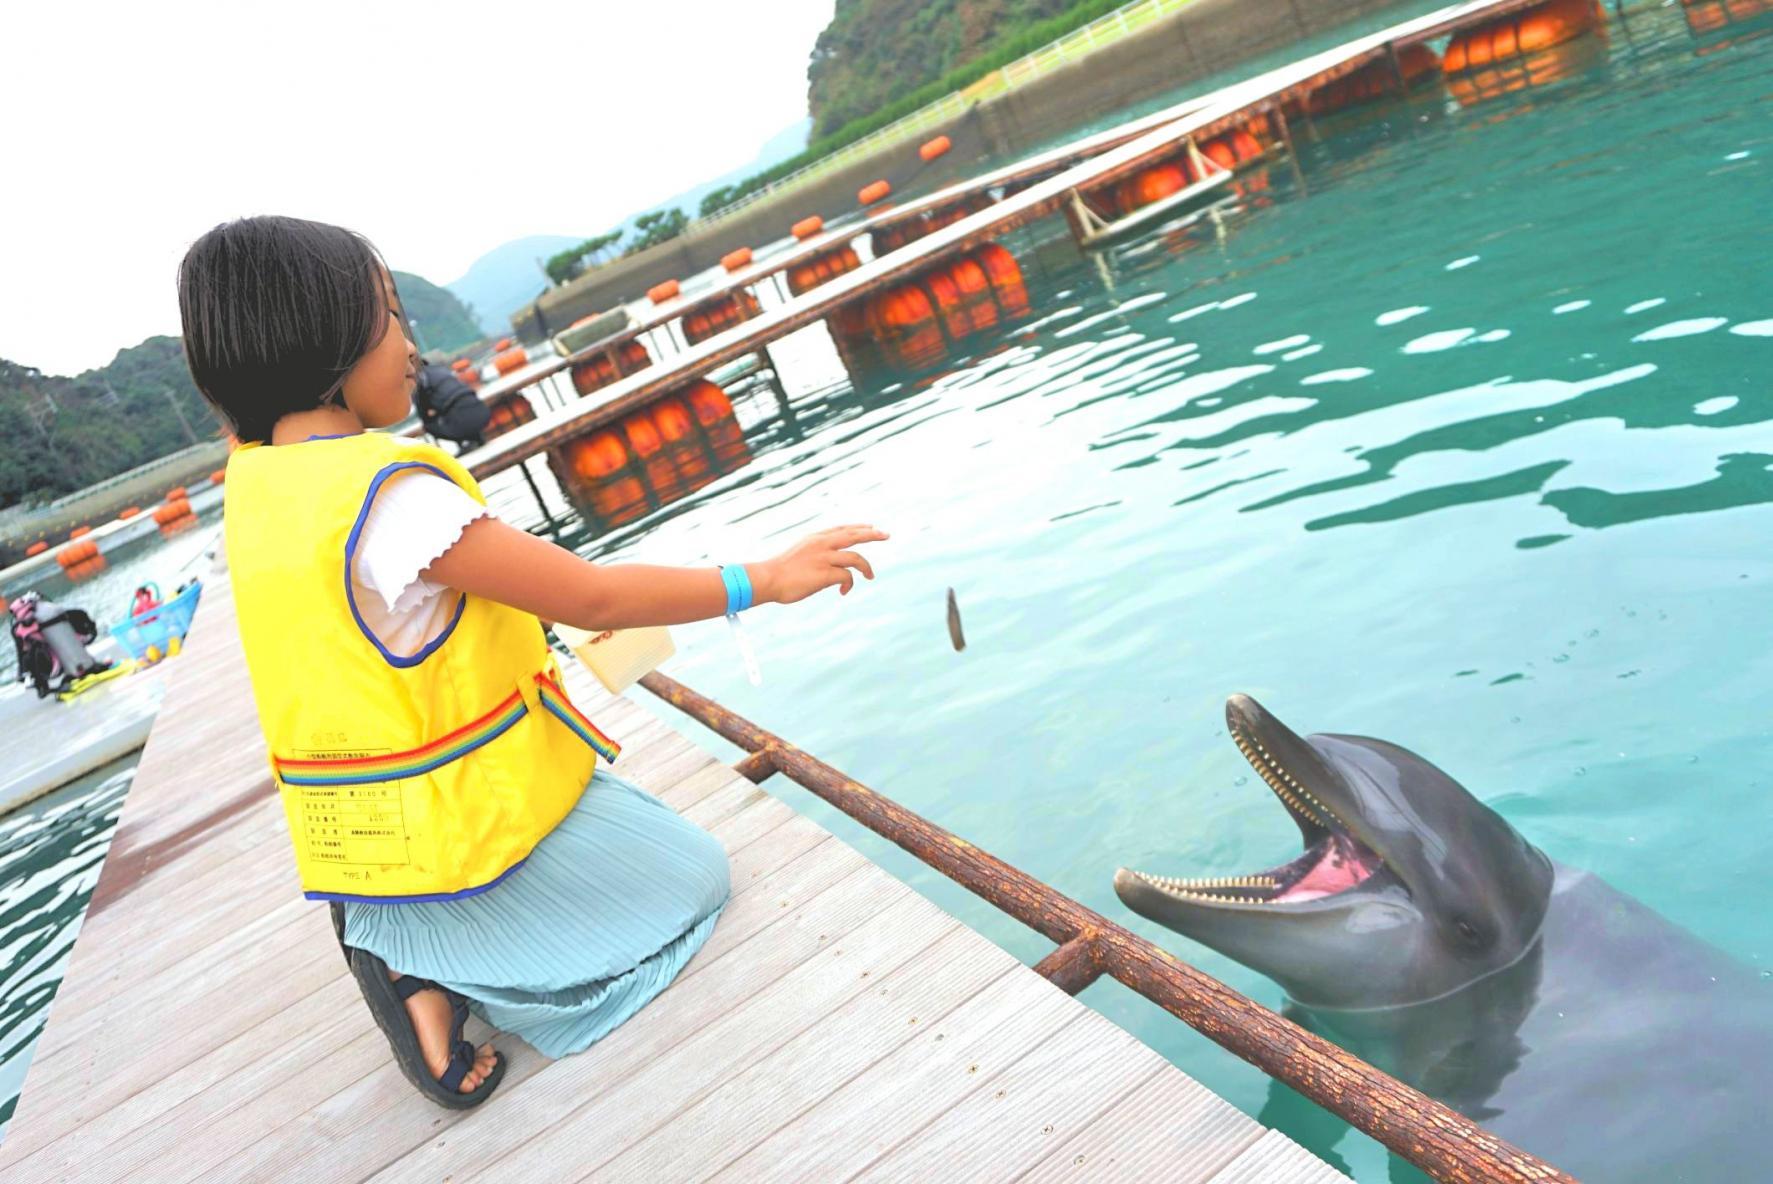 壹岐海豚公园-2